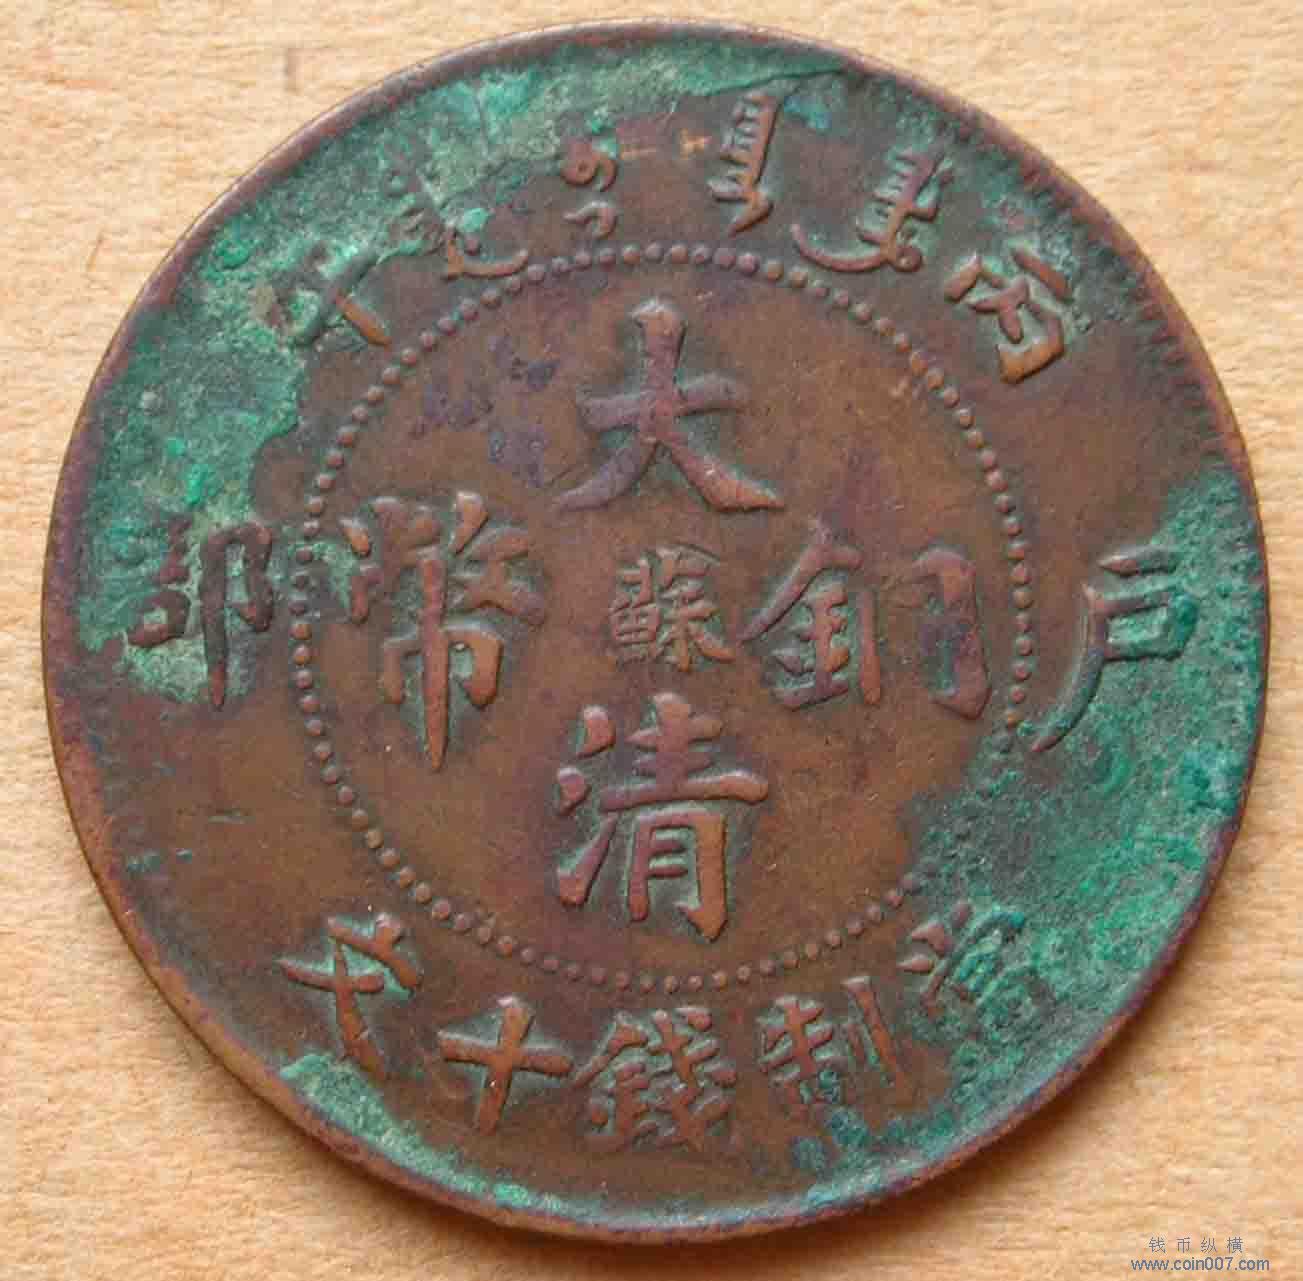 民国到清朝的钱币 钱币 - 钱币纵横 - 专业民间收藏品交流平台